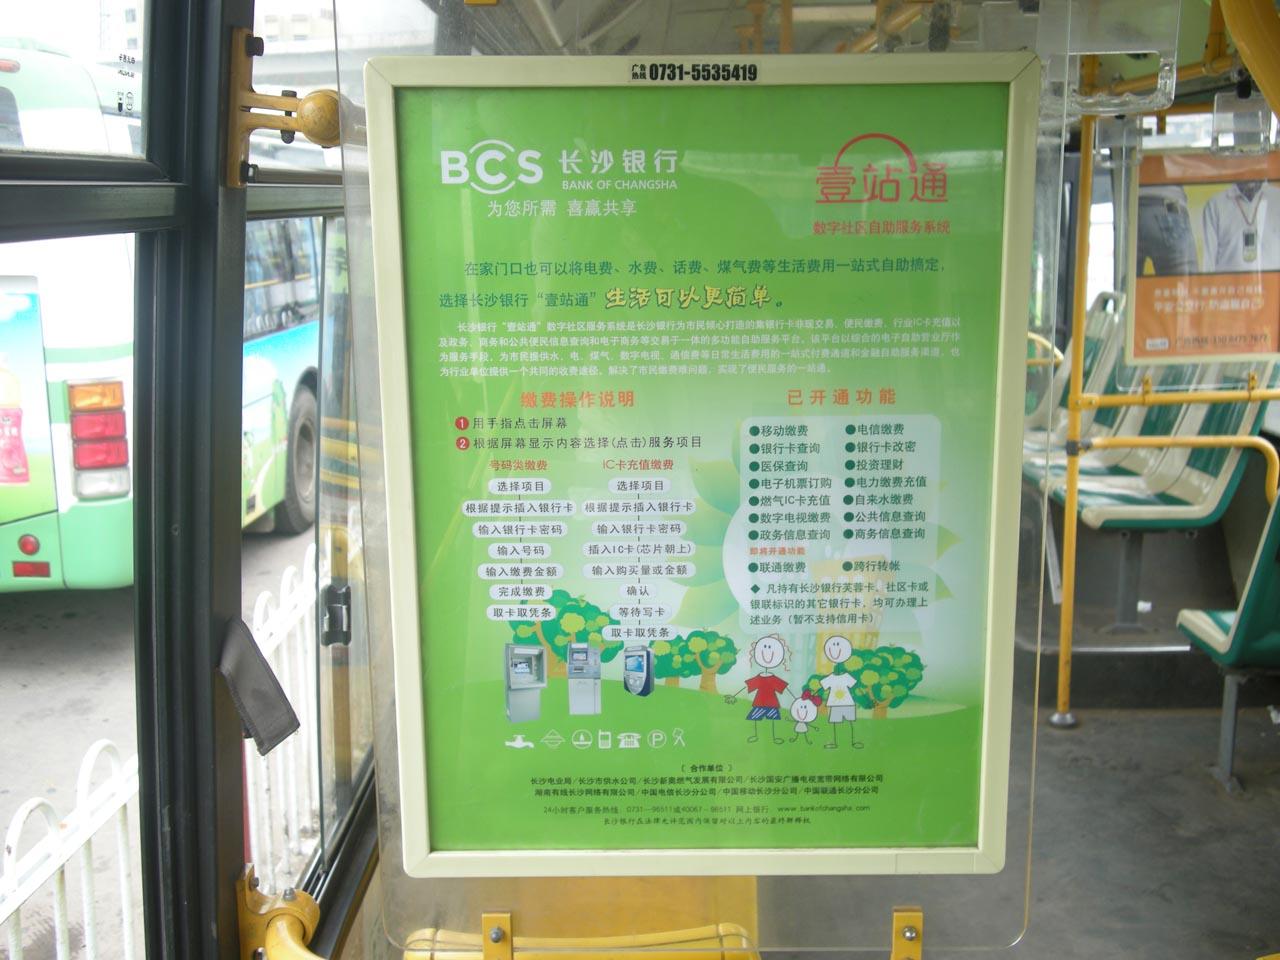 金融行业公交车看板广告实景图